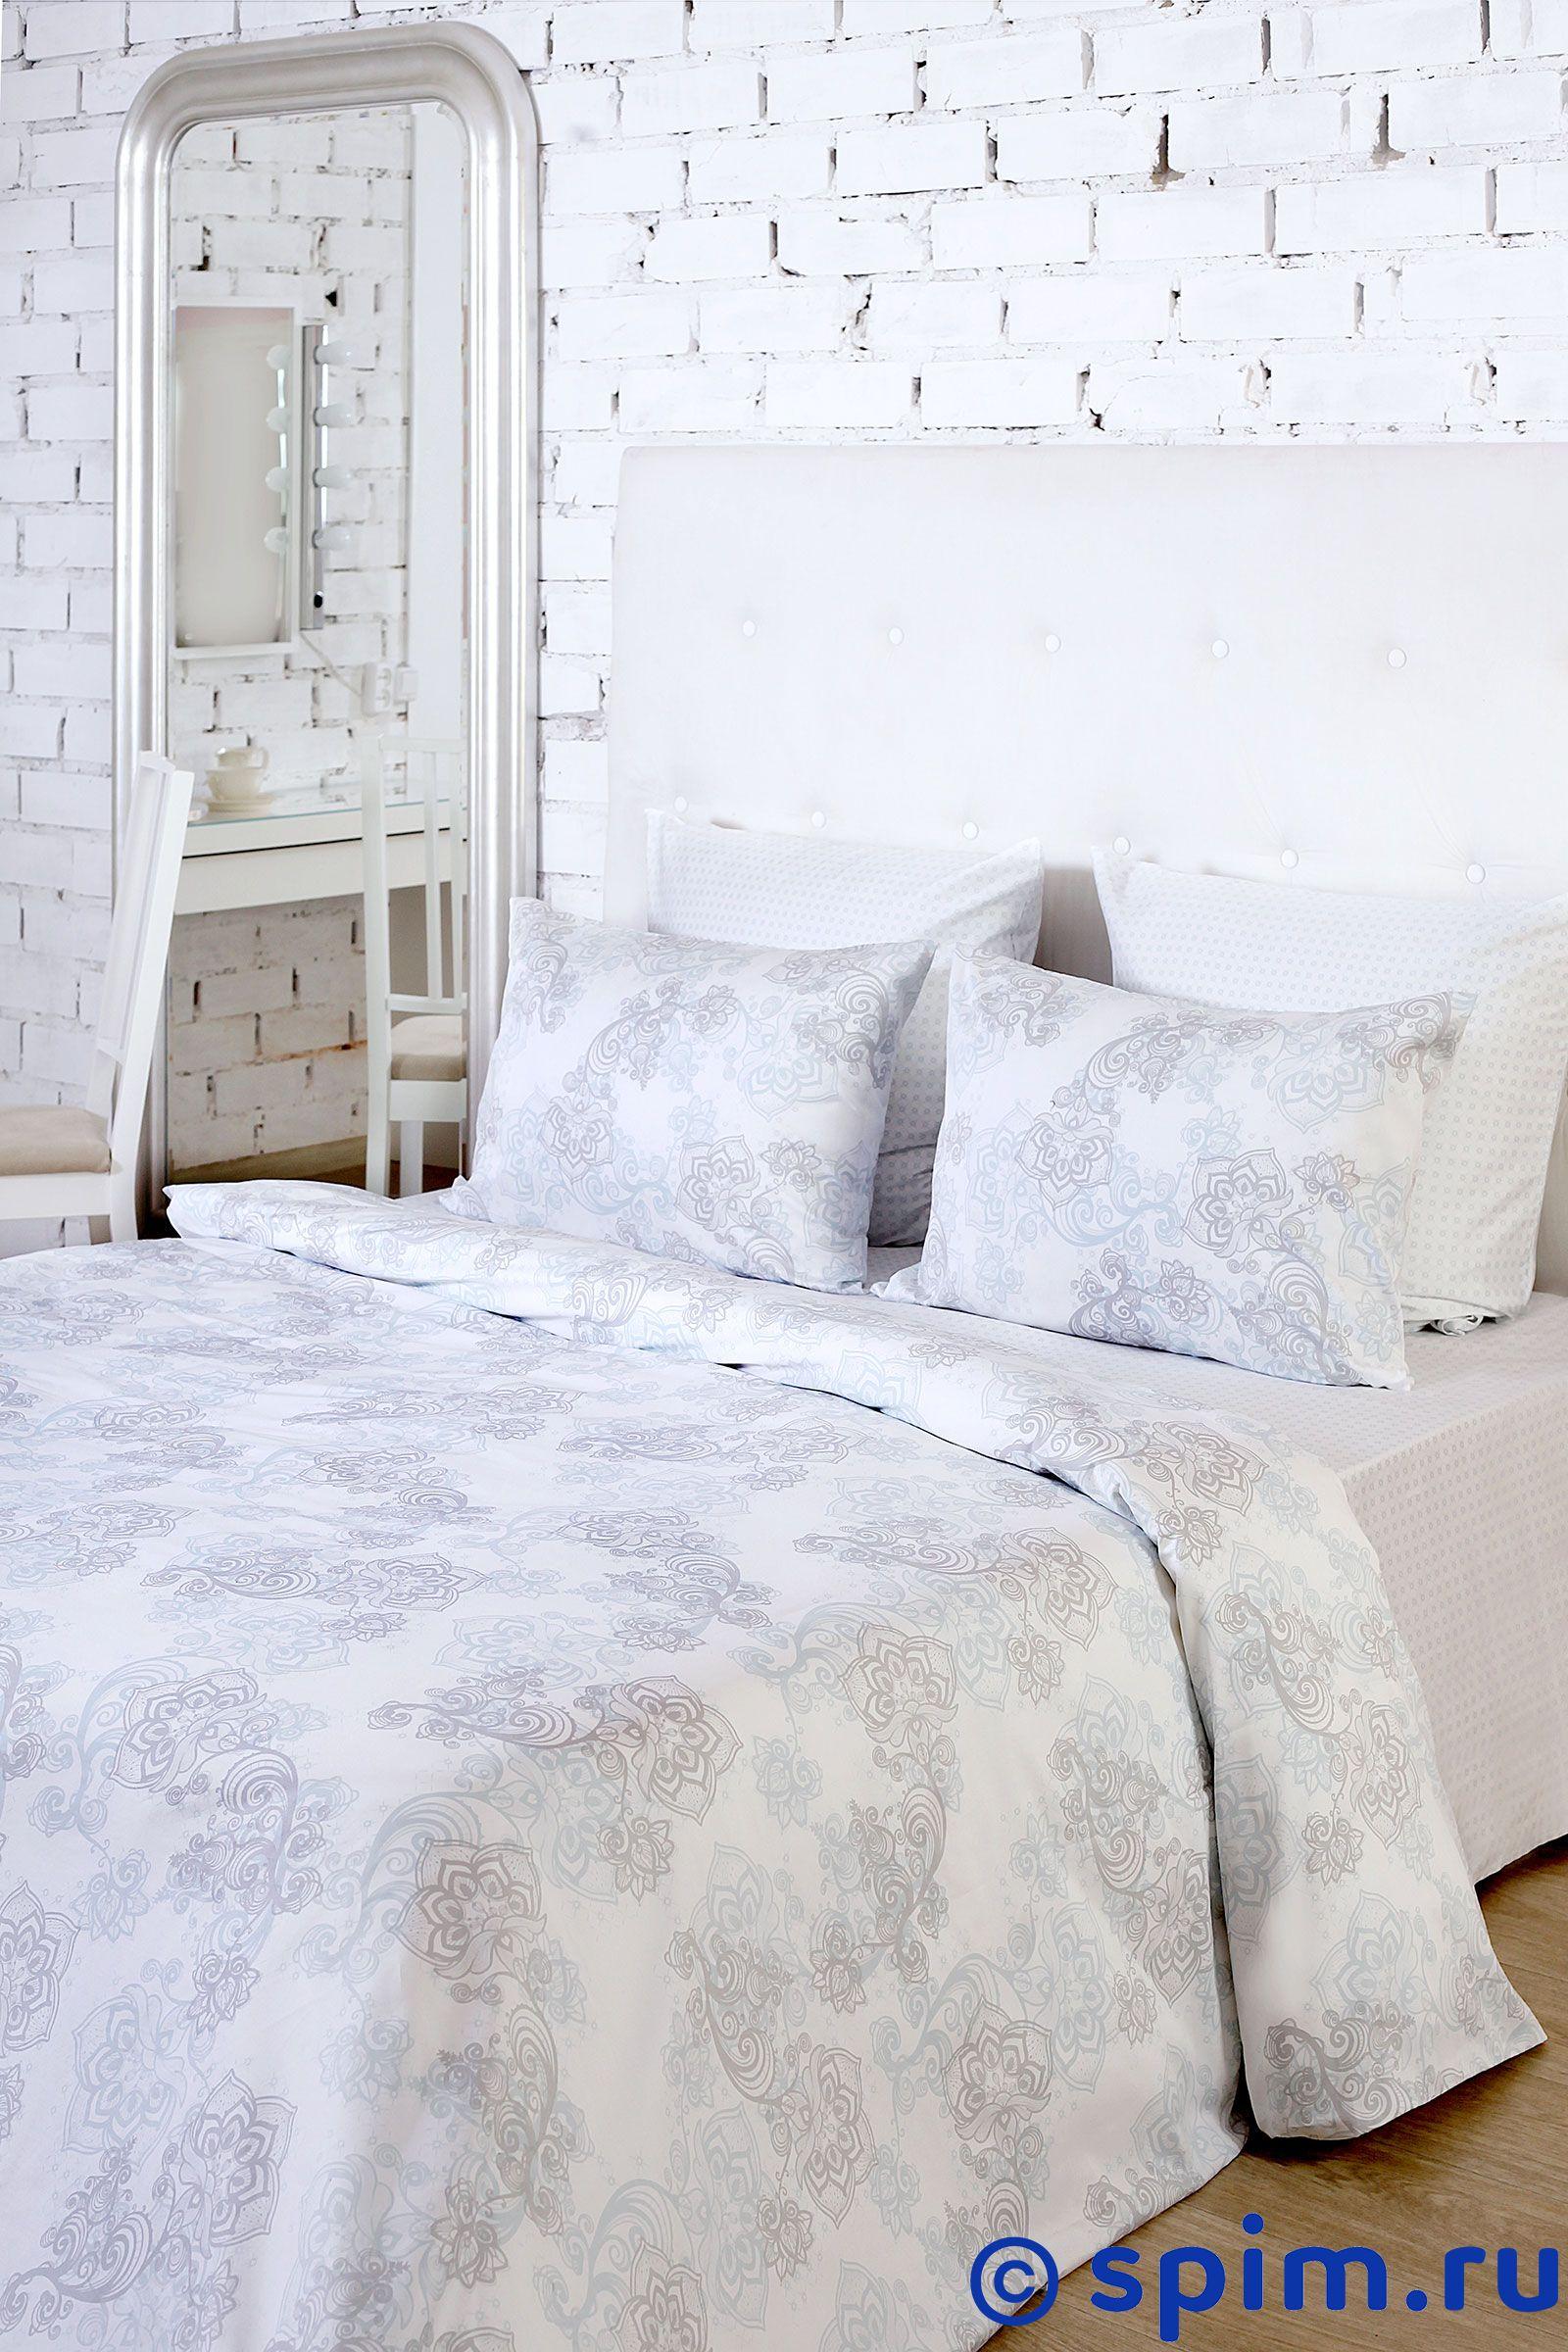 Комплект La Prima Ажурная дымка 1.5 спальное